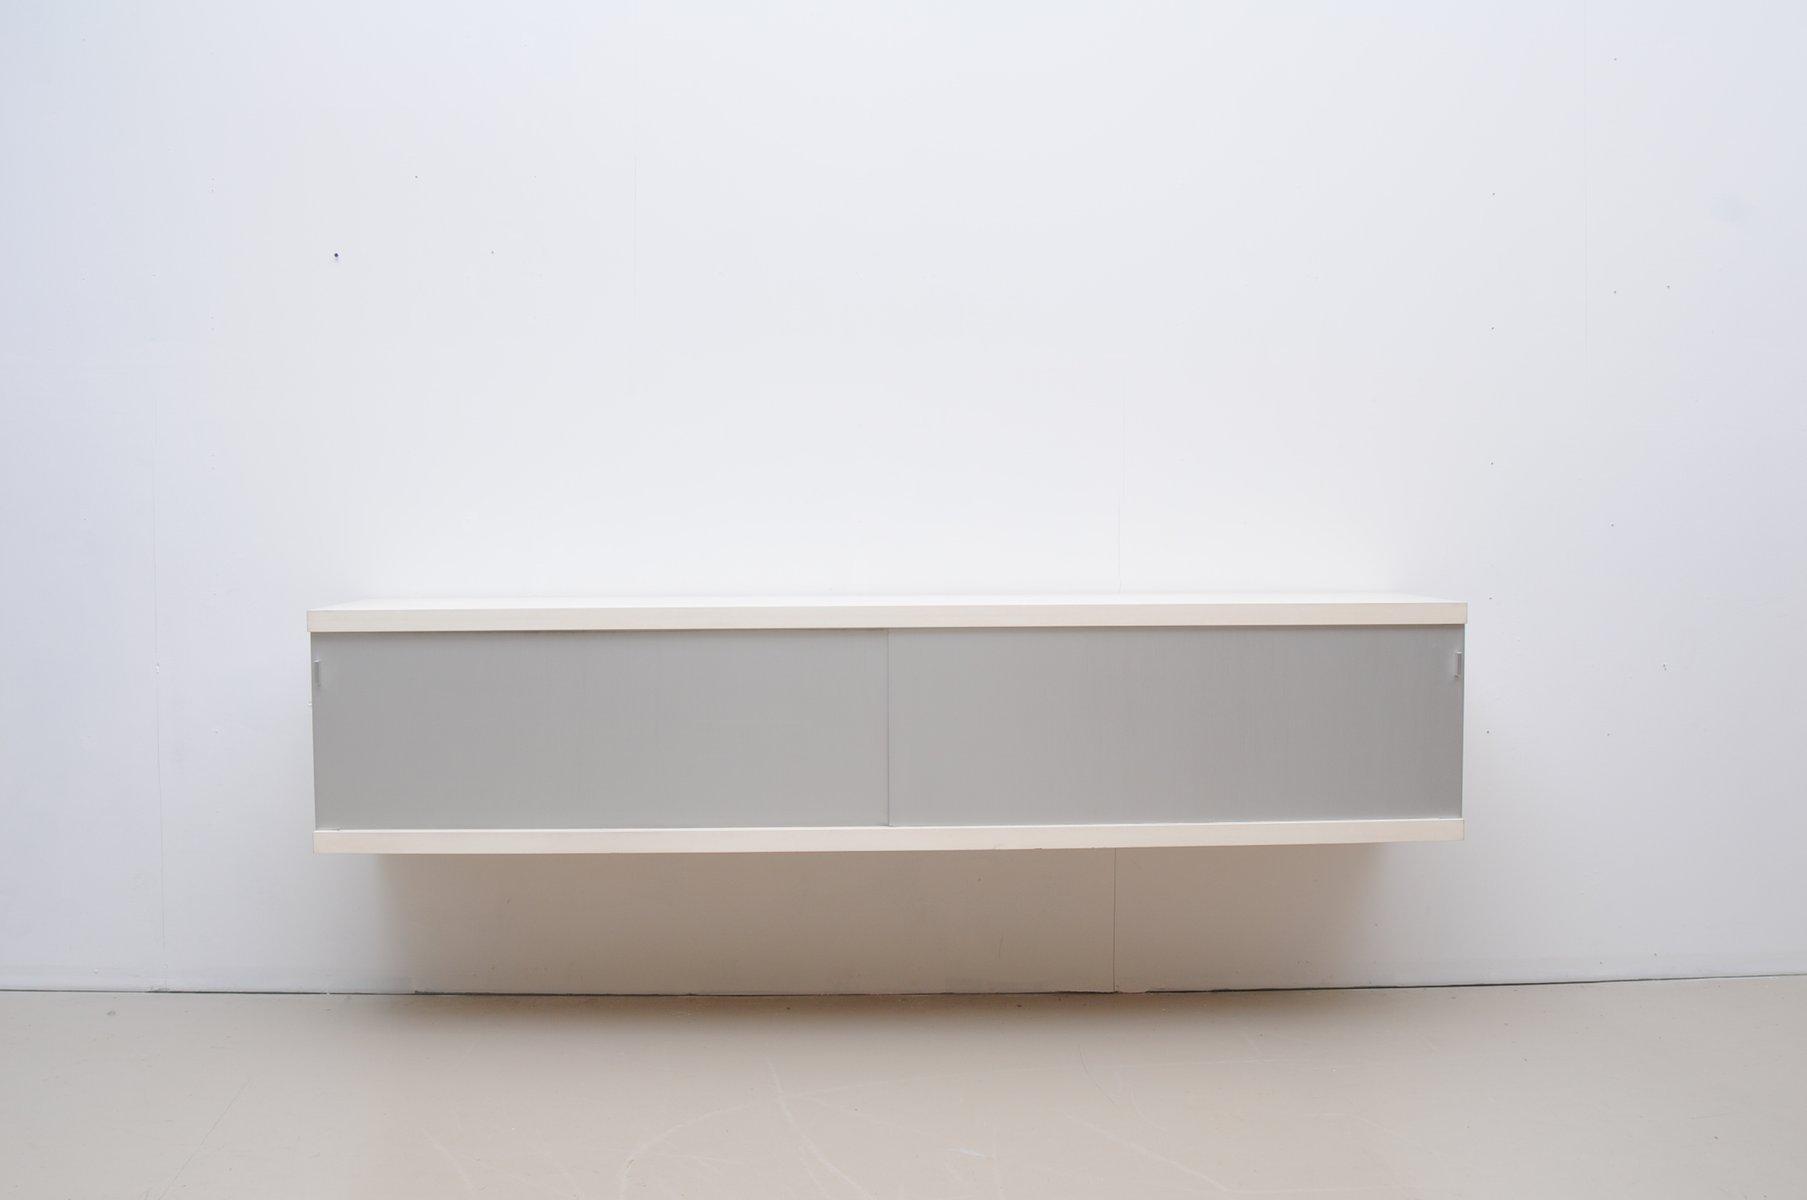 Schwebendes Mid-Century Sideboard von Horst Brüning für Behr